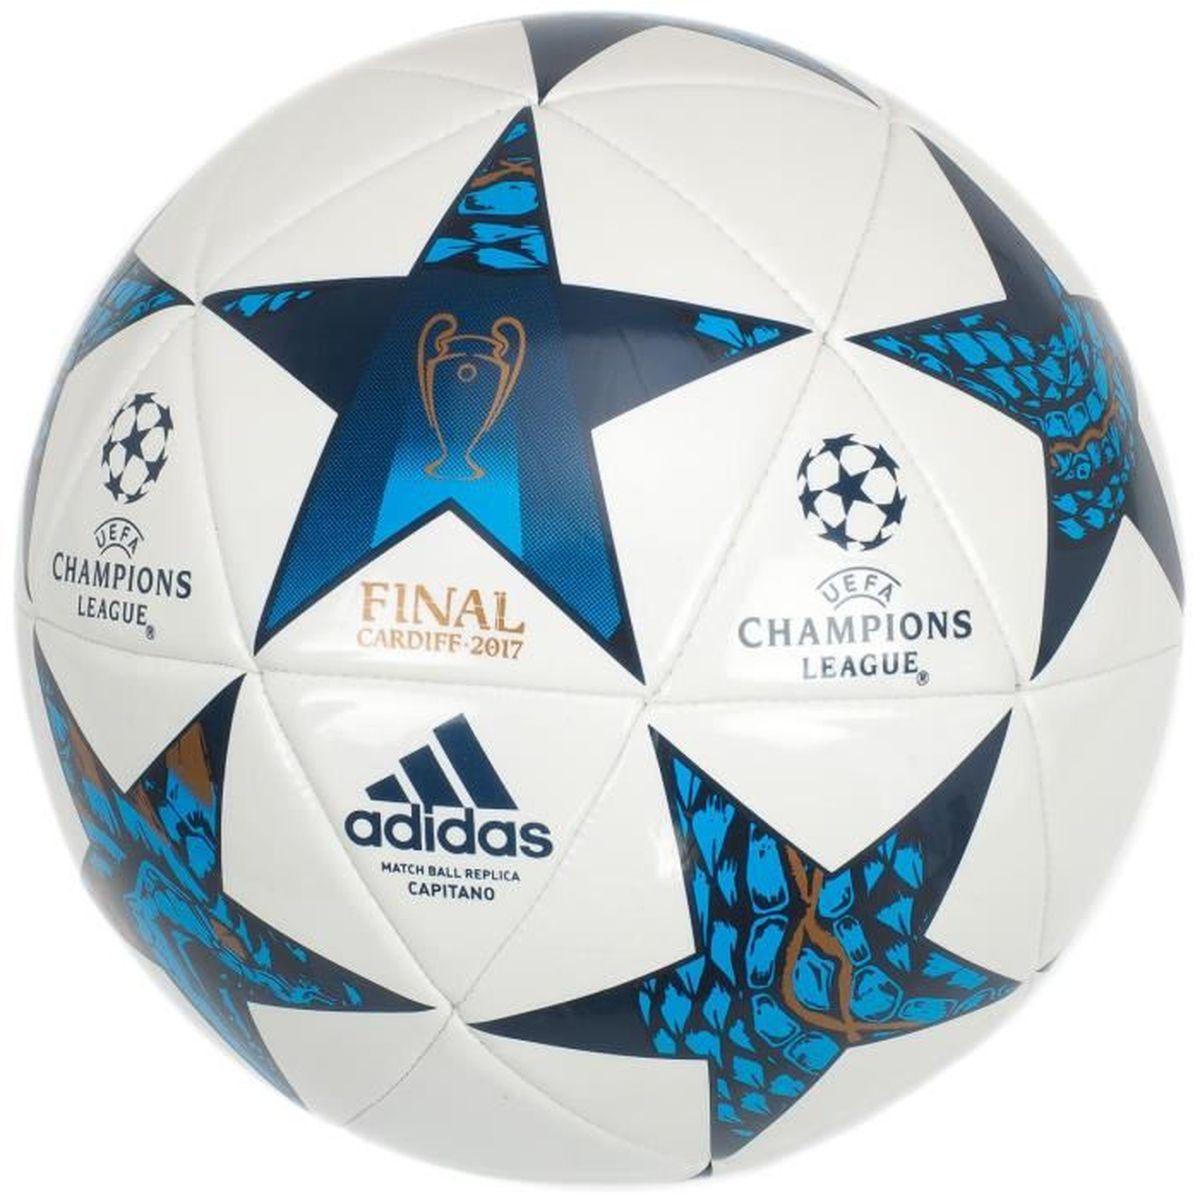 ballon football achat vente ballon football pas cher cdiscount. Black Bedroom Furniture Sets. Home Design Ideas